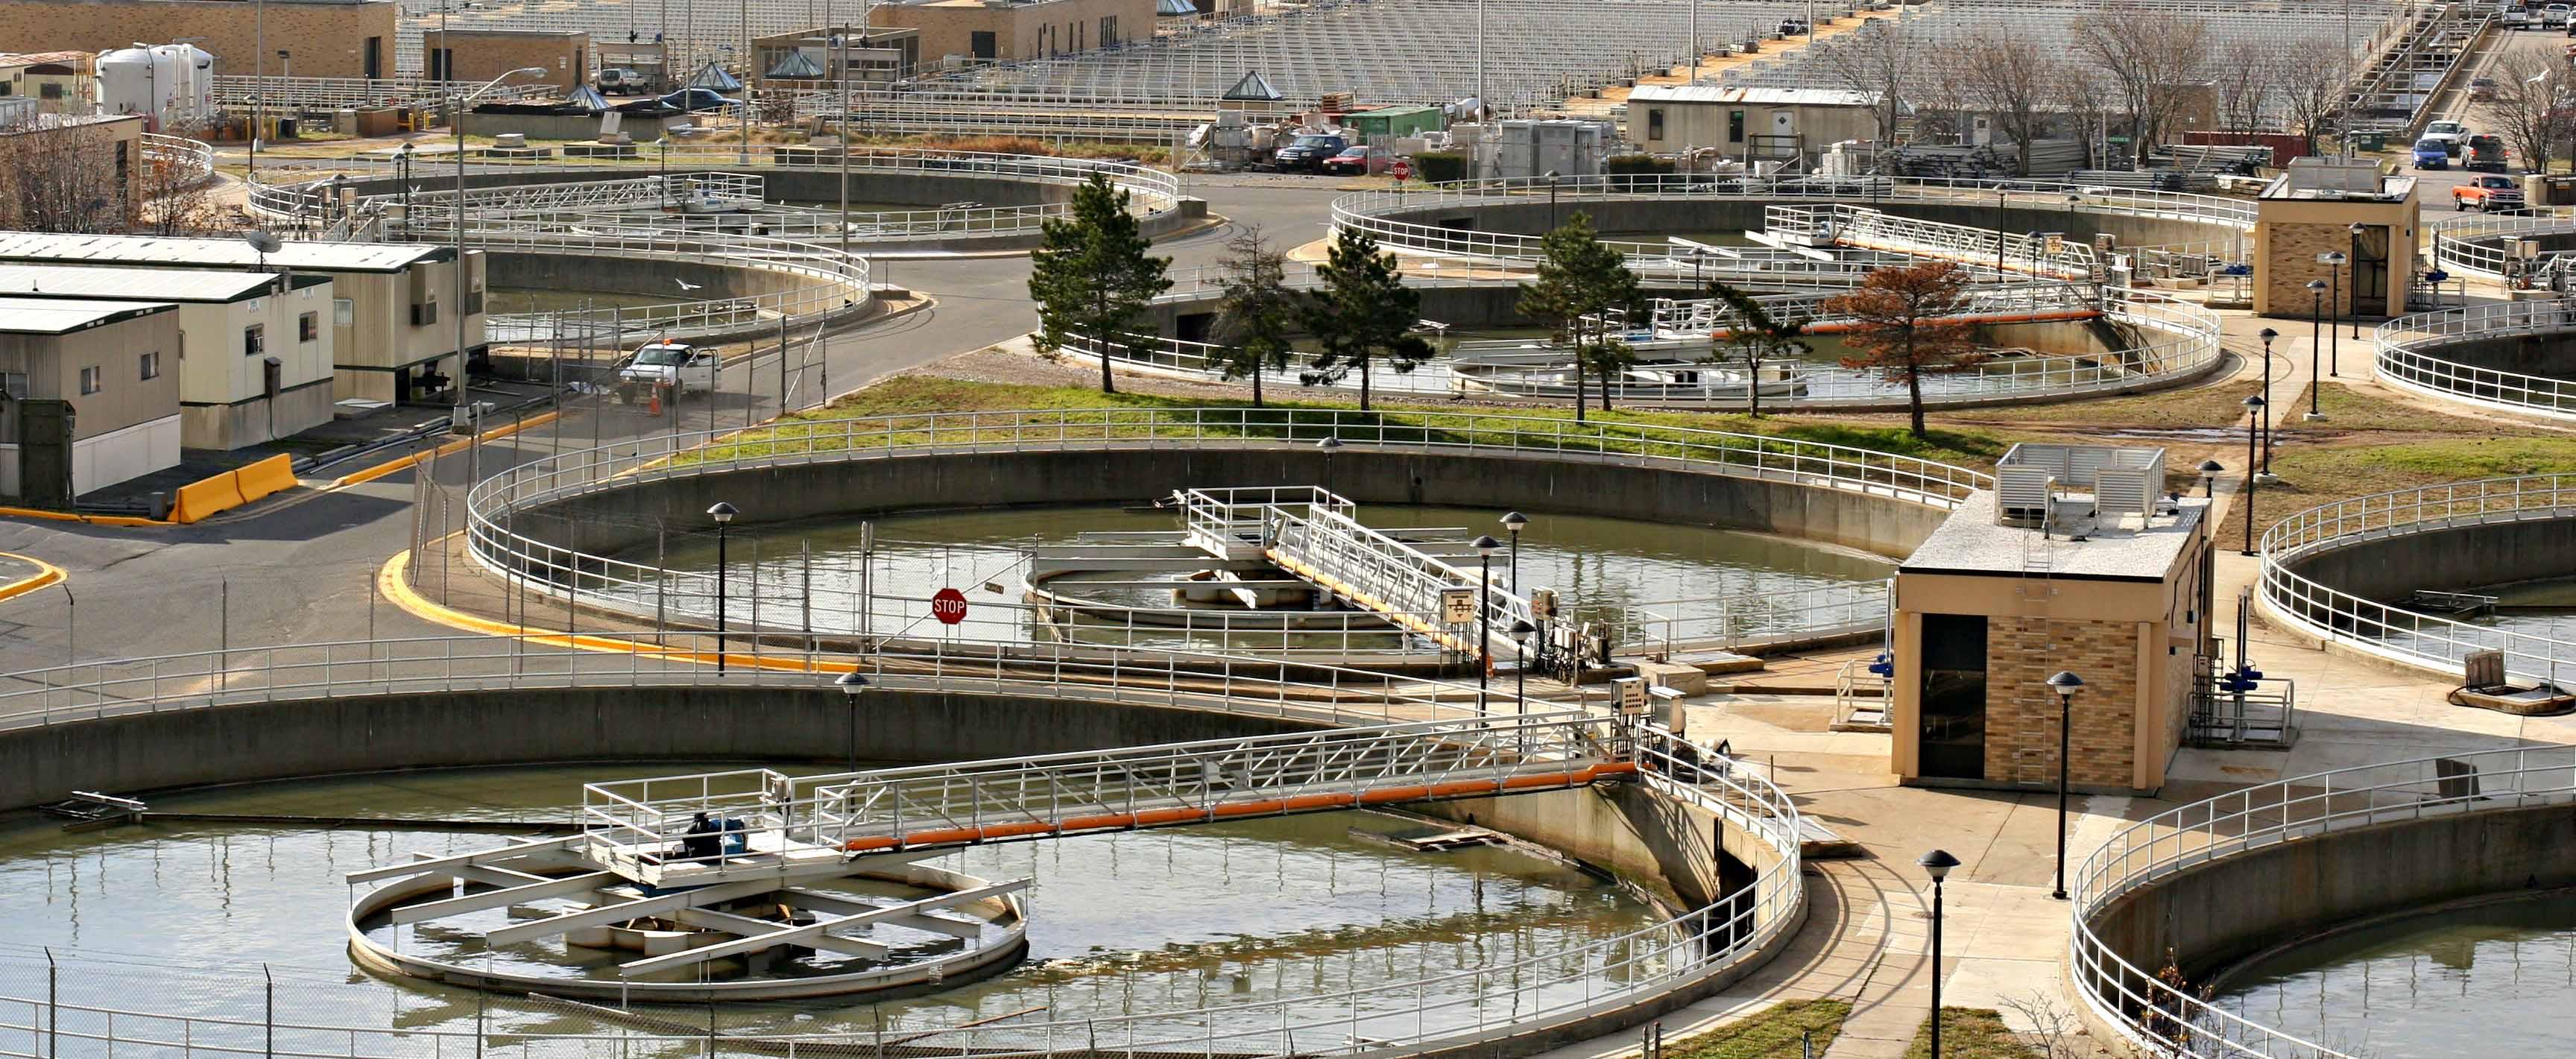 dc-water-sewage